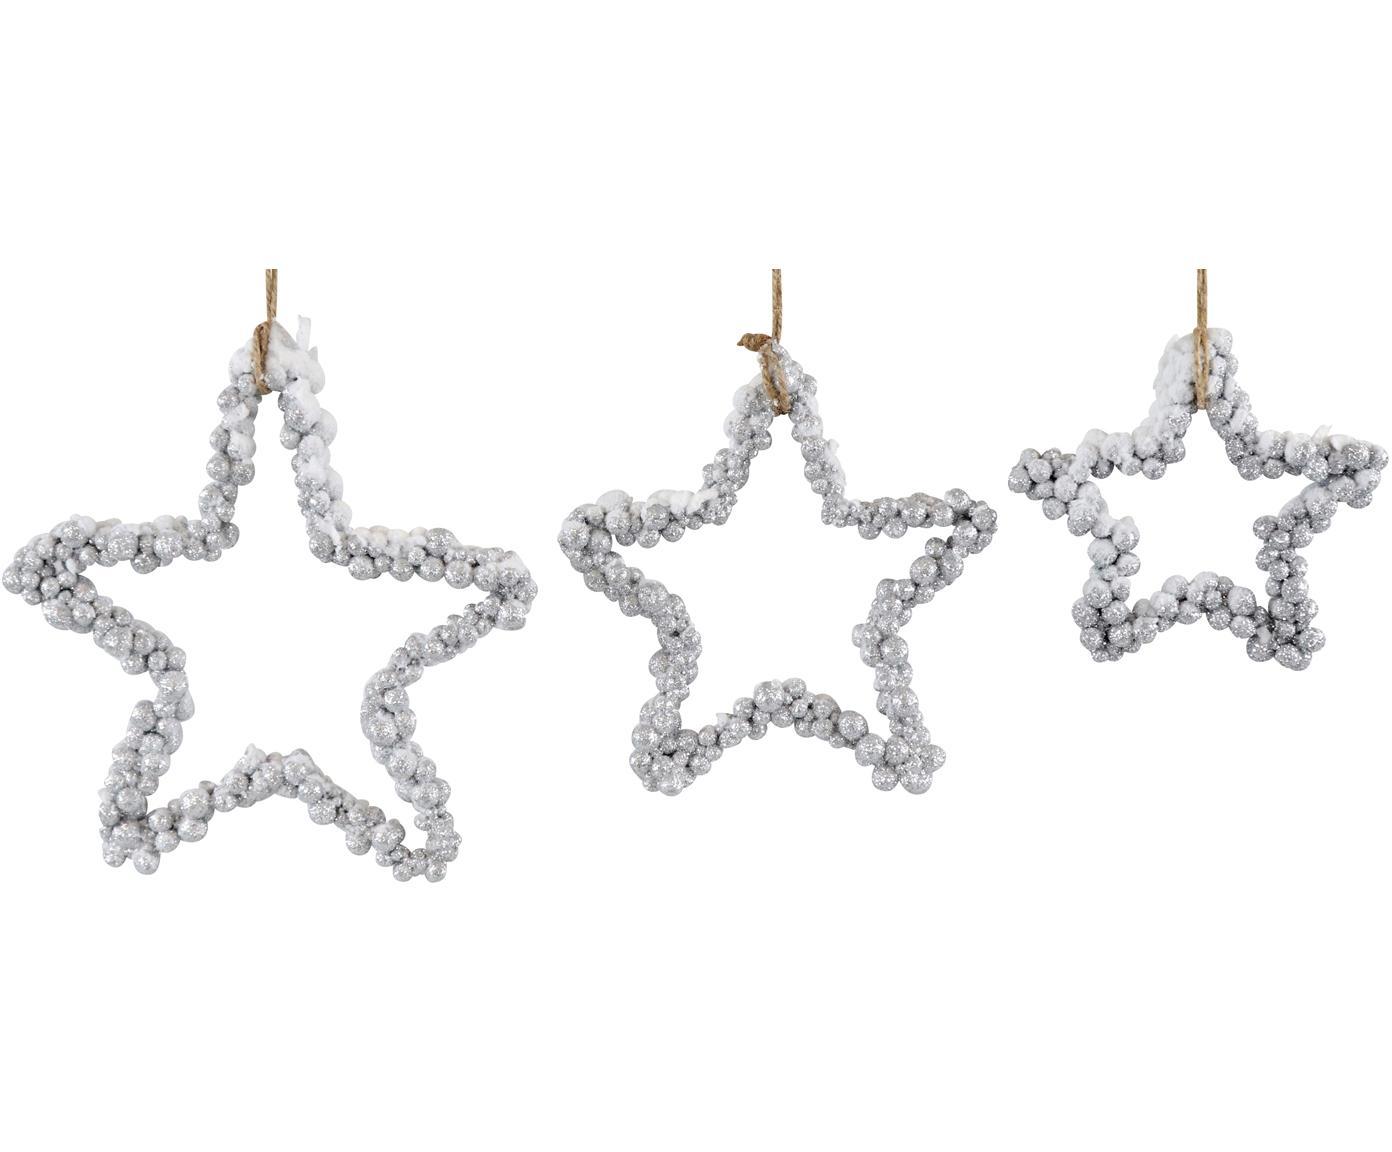 Set 3 ciondoli decorativi Snowy, Polistirolo, plastica, metallo, legno, Argentato, Set in varie misure